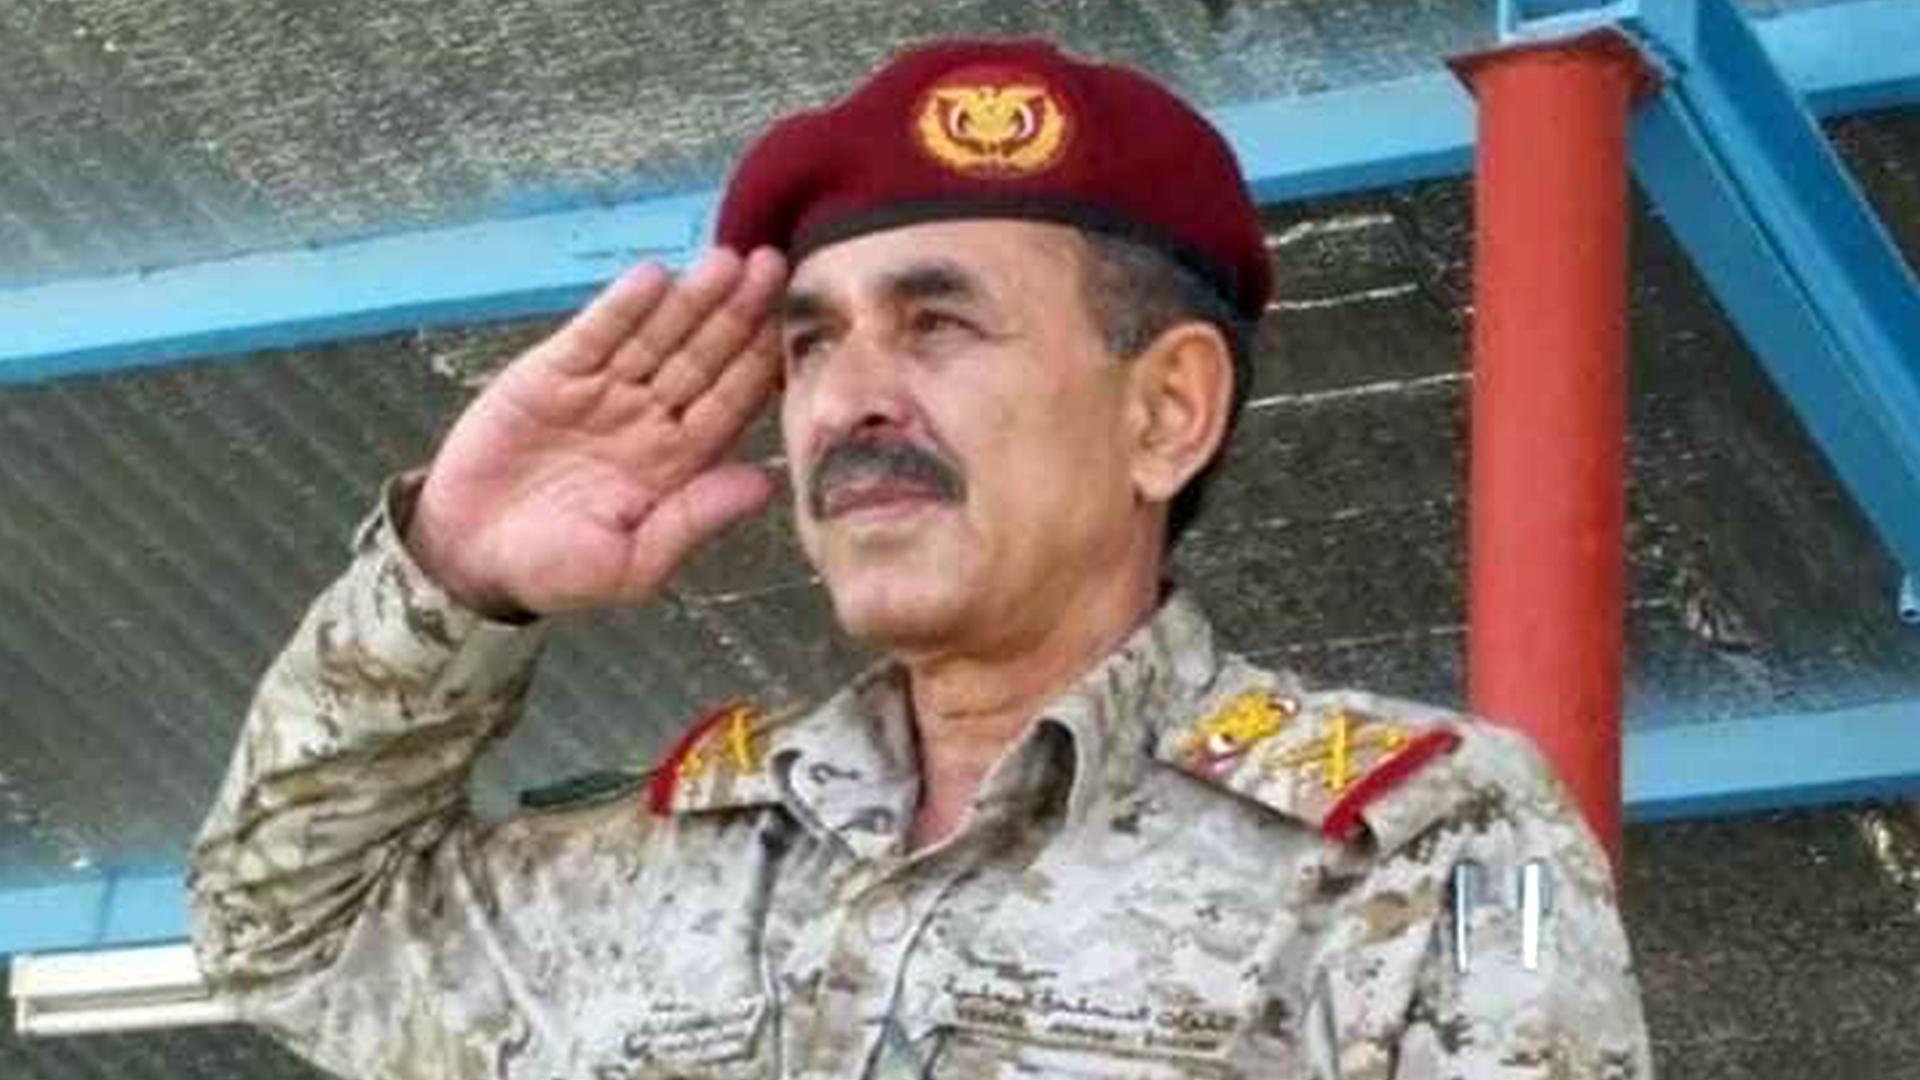 وفاة نائب رئيس هيئة أركان الجيش اليمني متأثرا بجراحه